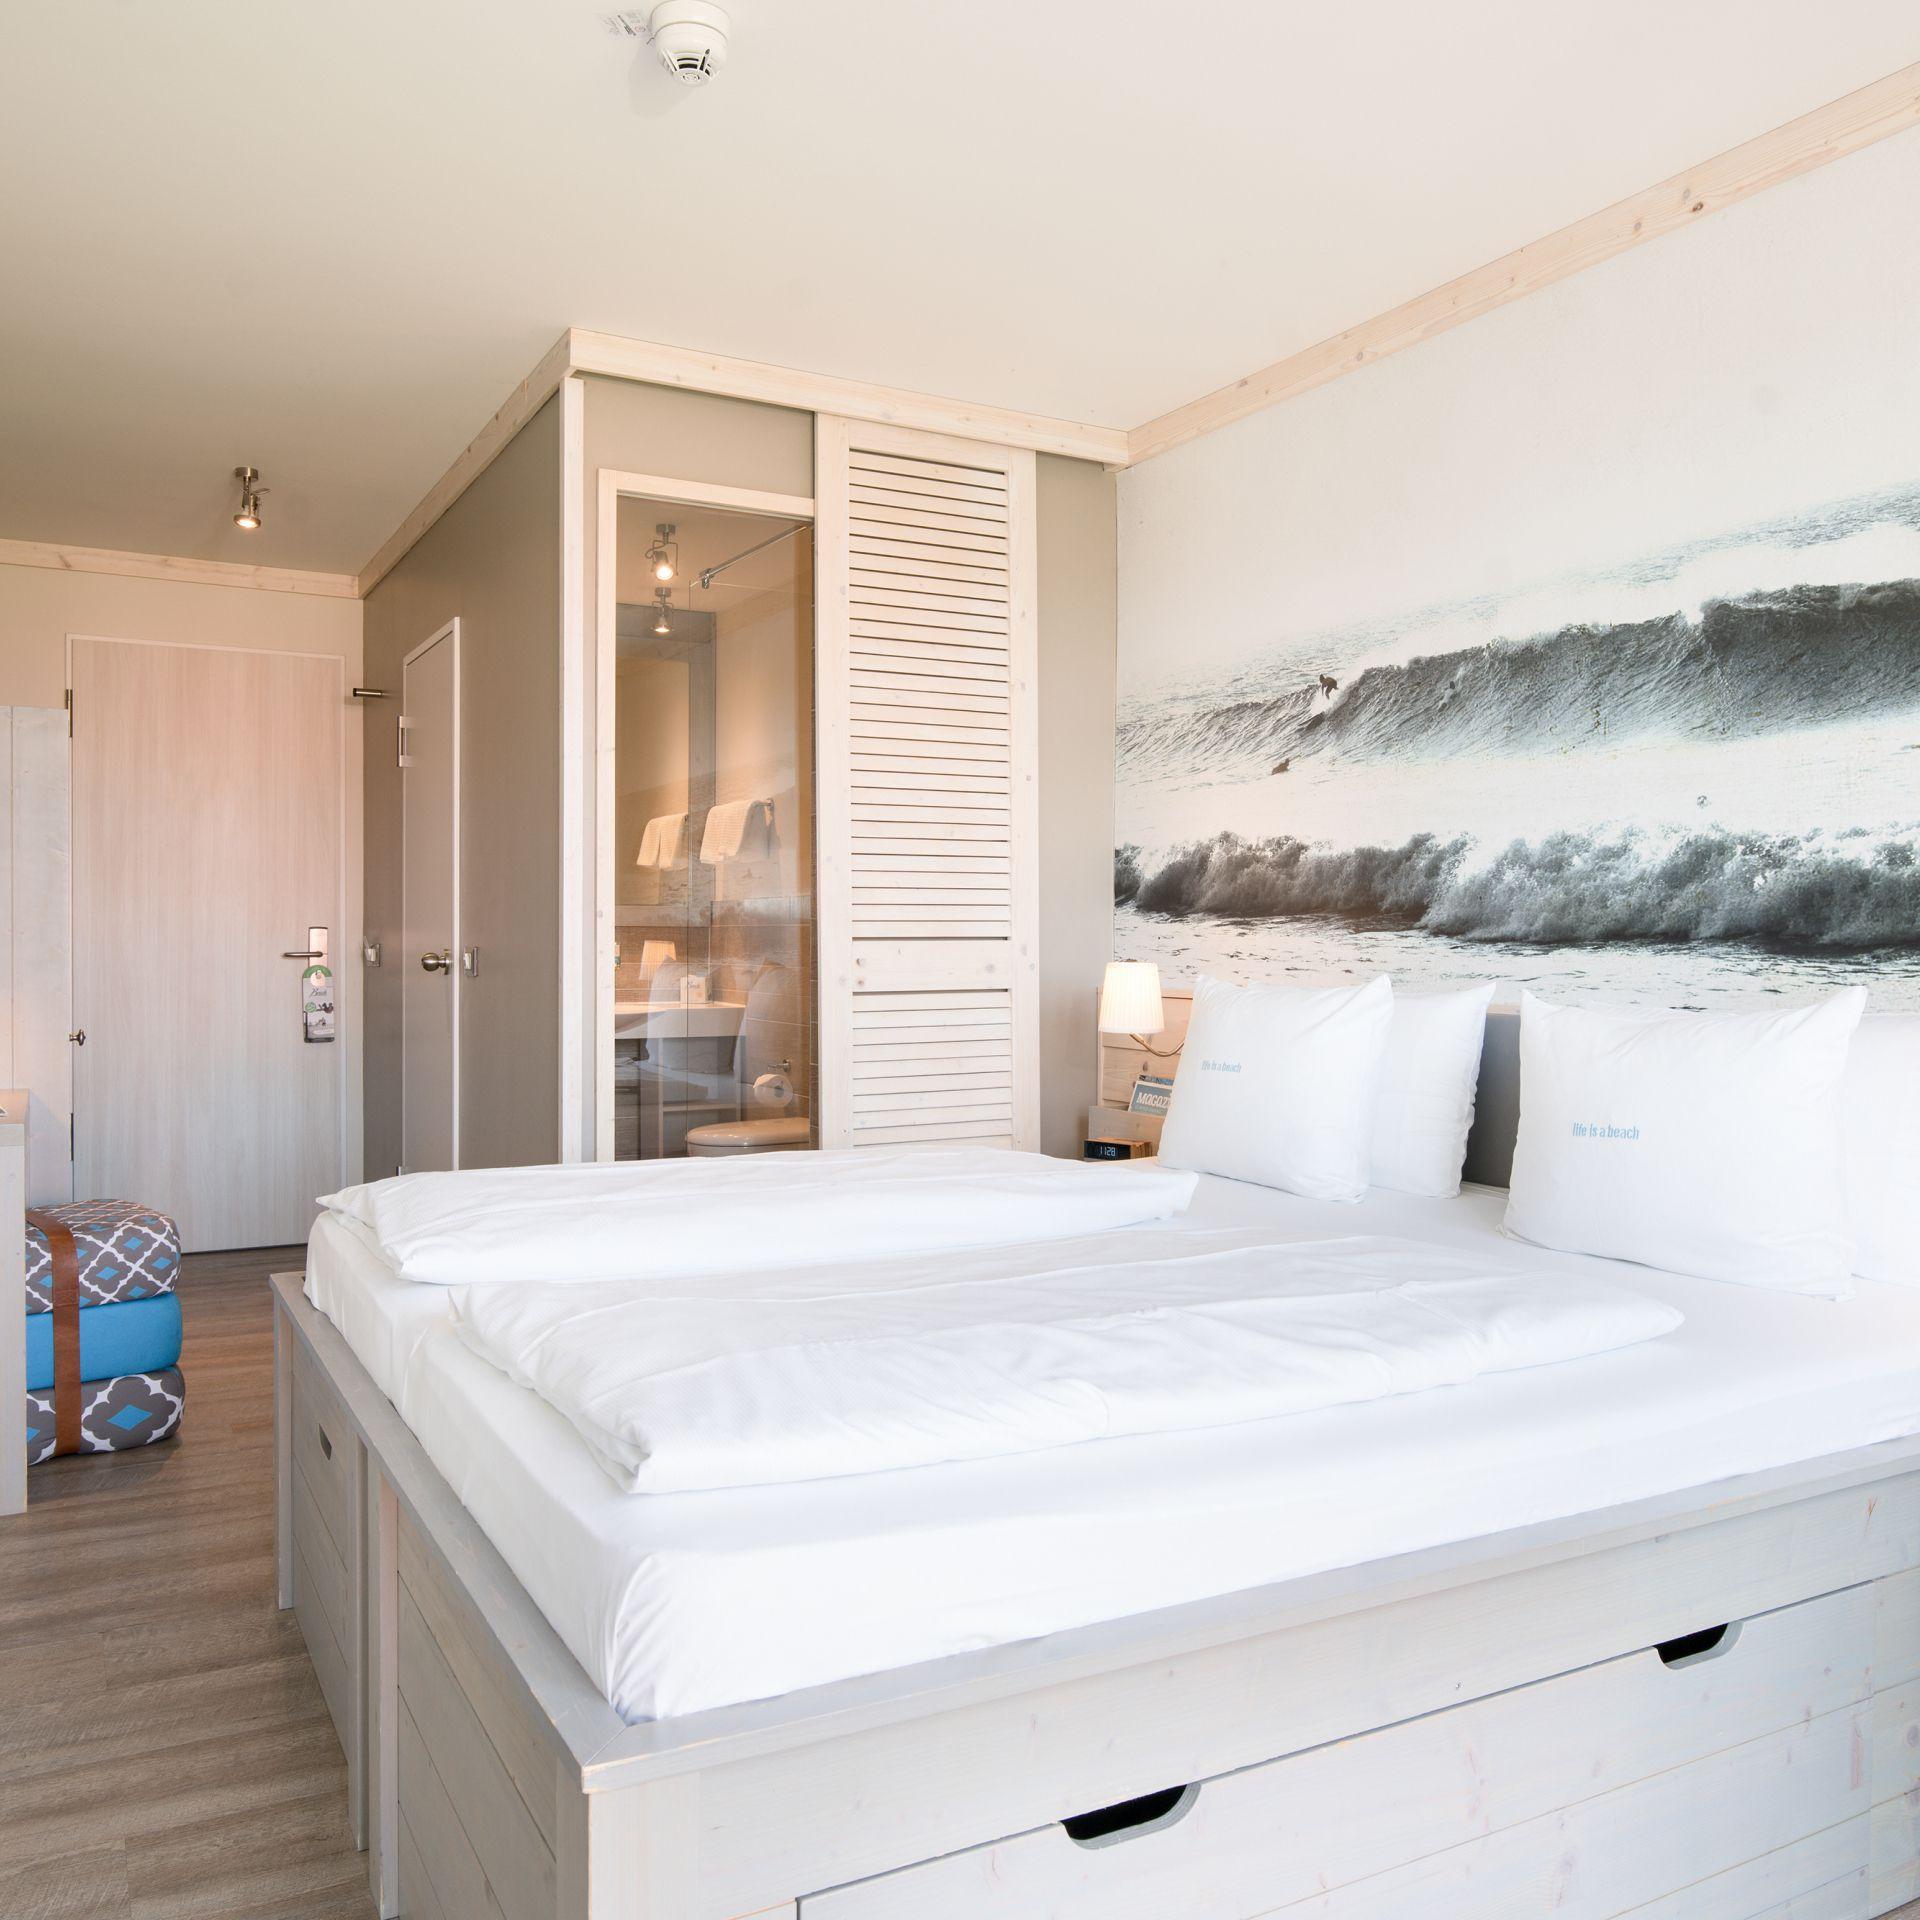 basic beach motel st peter ording. Black Bedroom Furniture Sets. Home Design Ideas